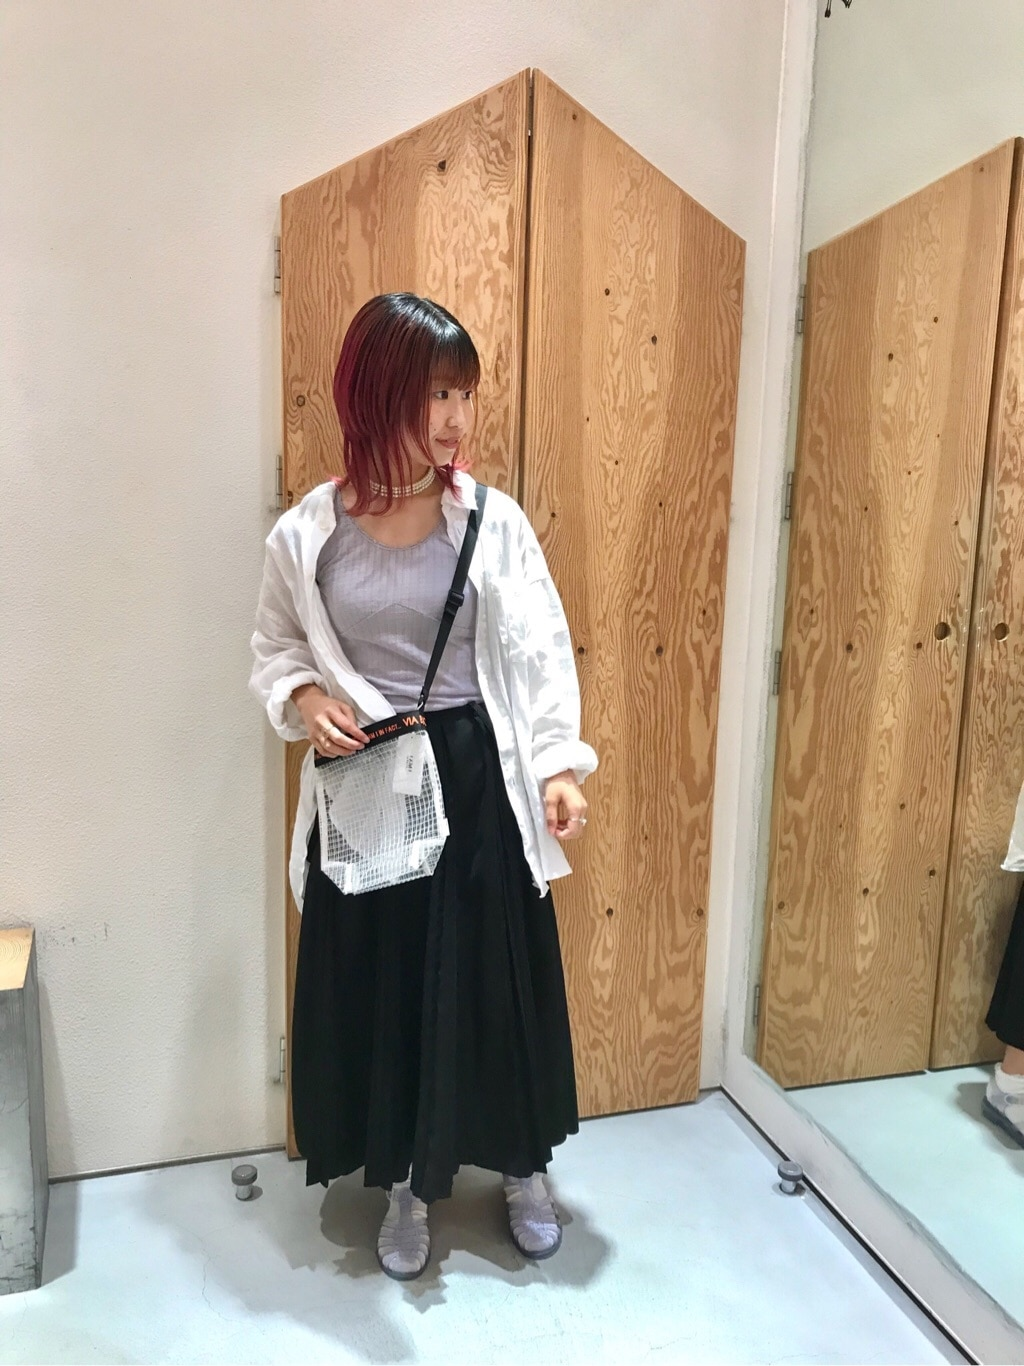 l'atelier du savon グランフロント大阪 身長:157cm 2019.06.20